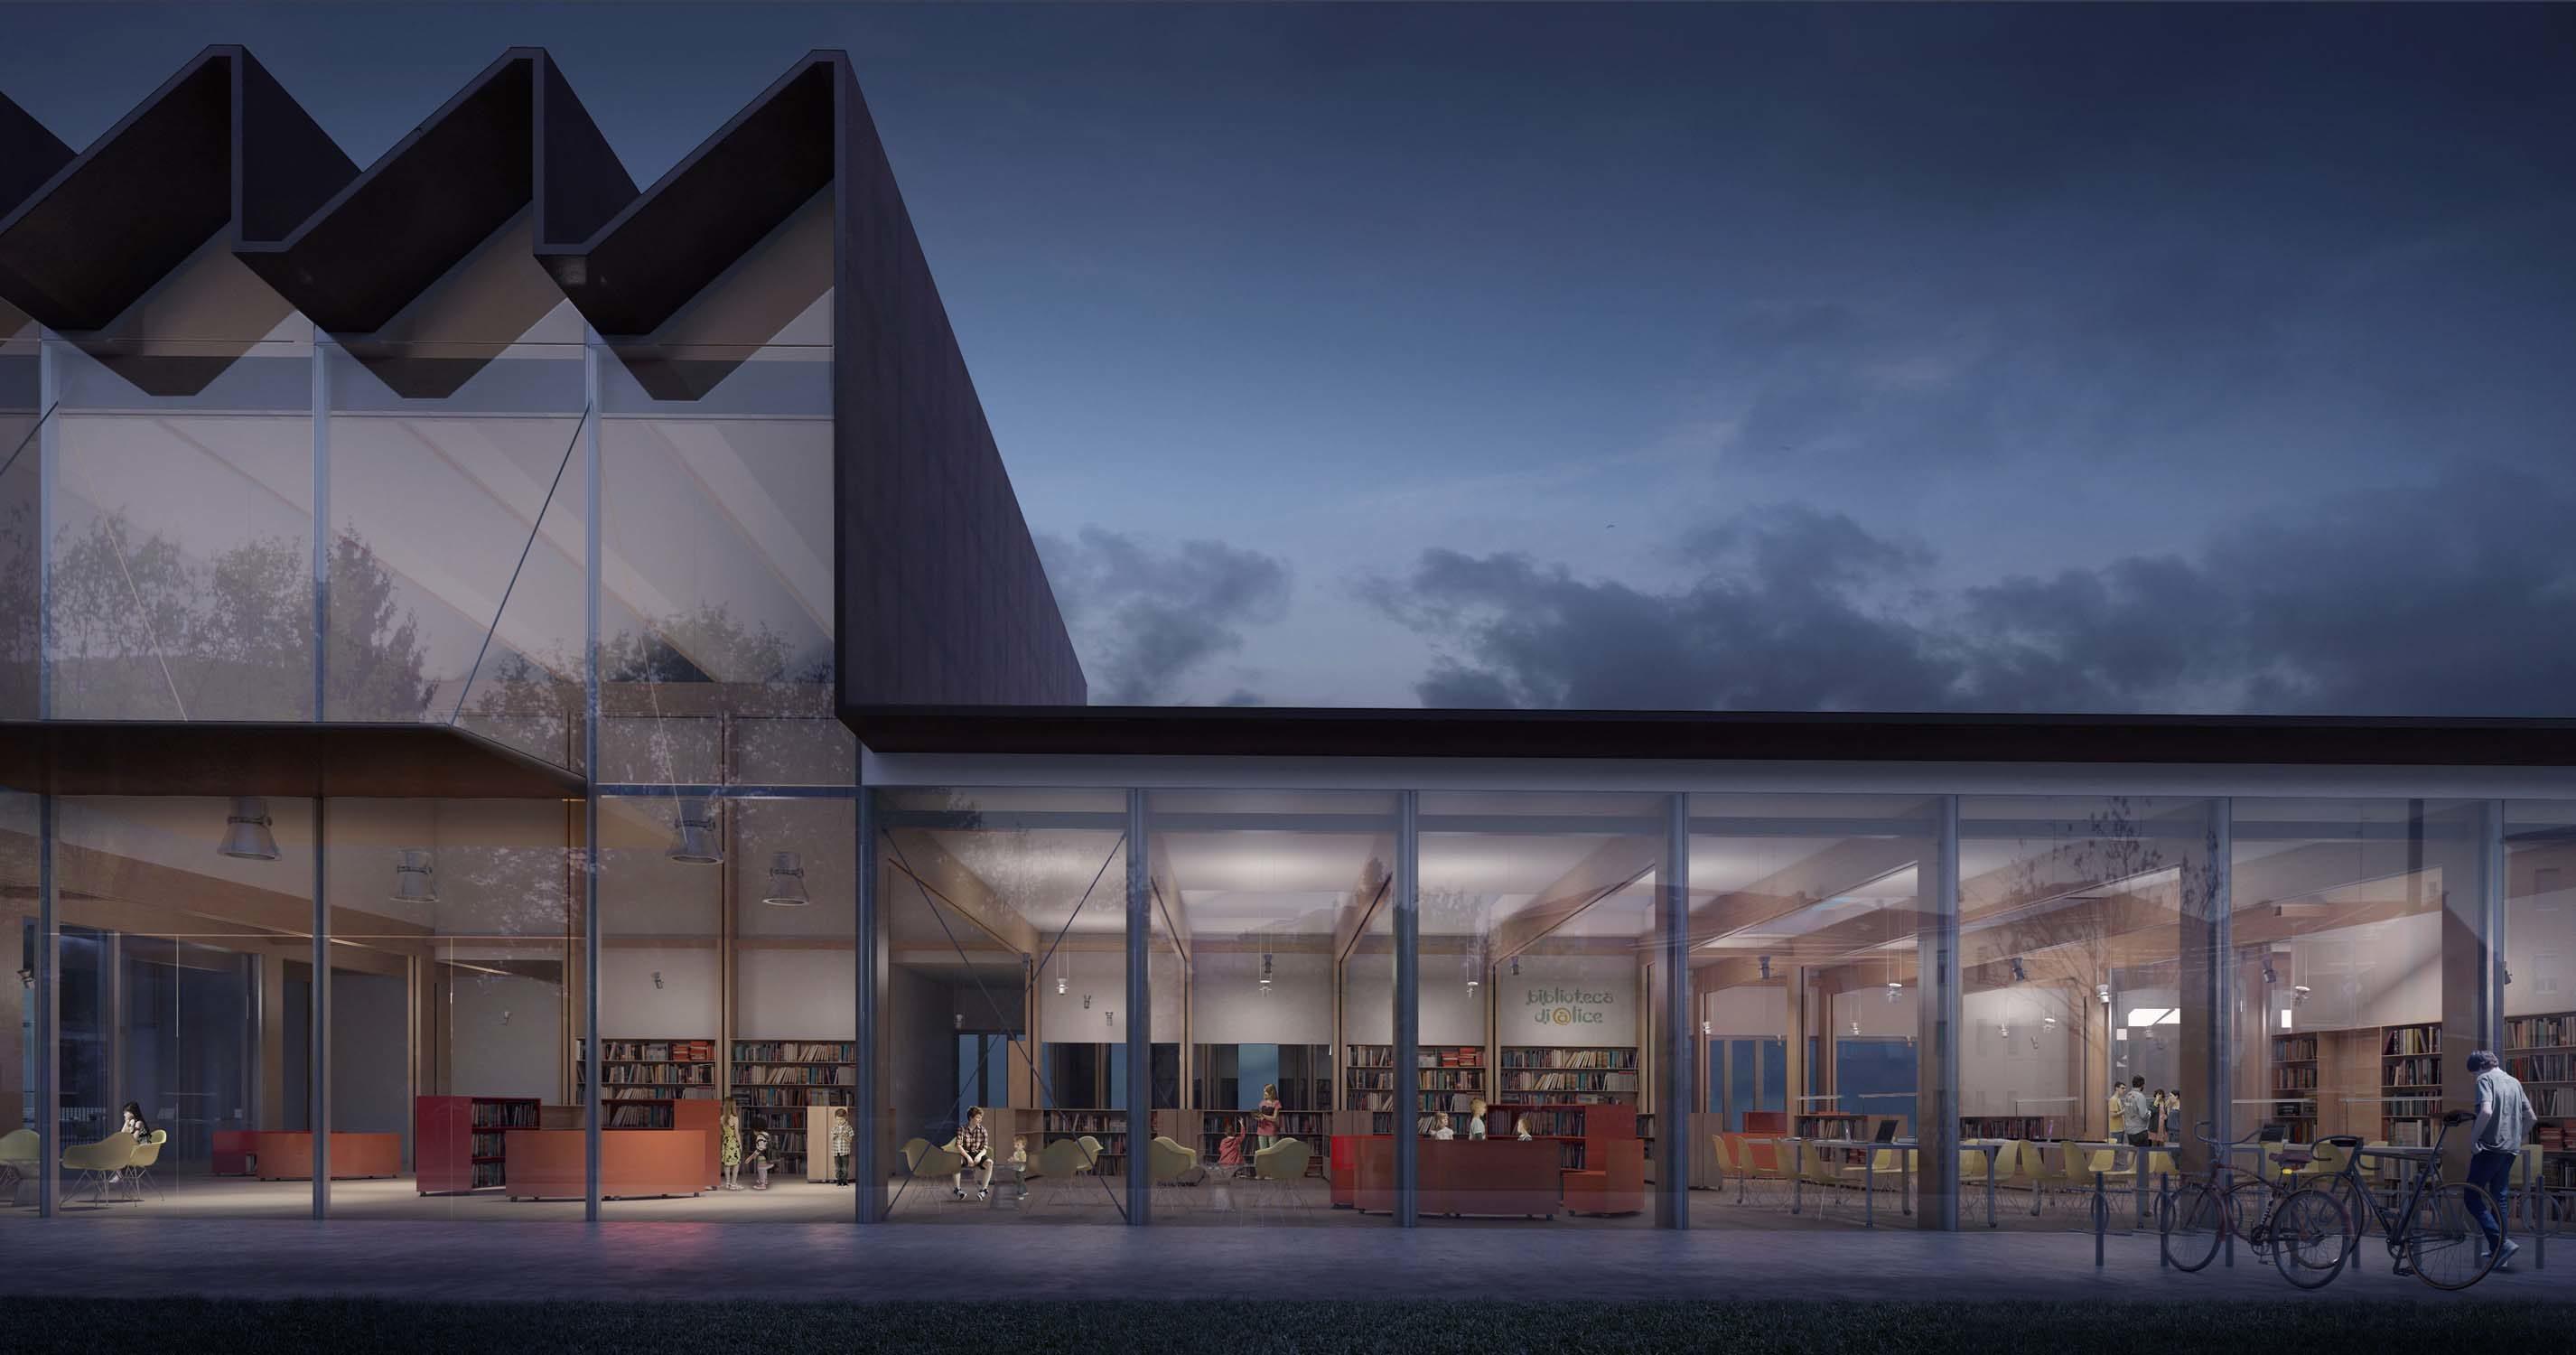 Alice's library in Parma – Studio 4S Francesco Fulvi, 2016